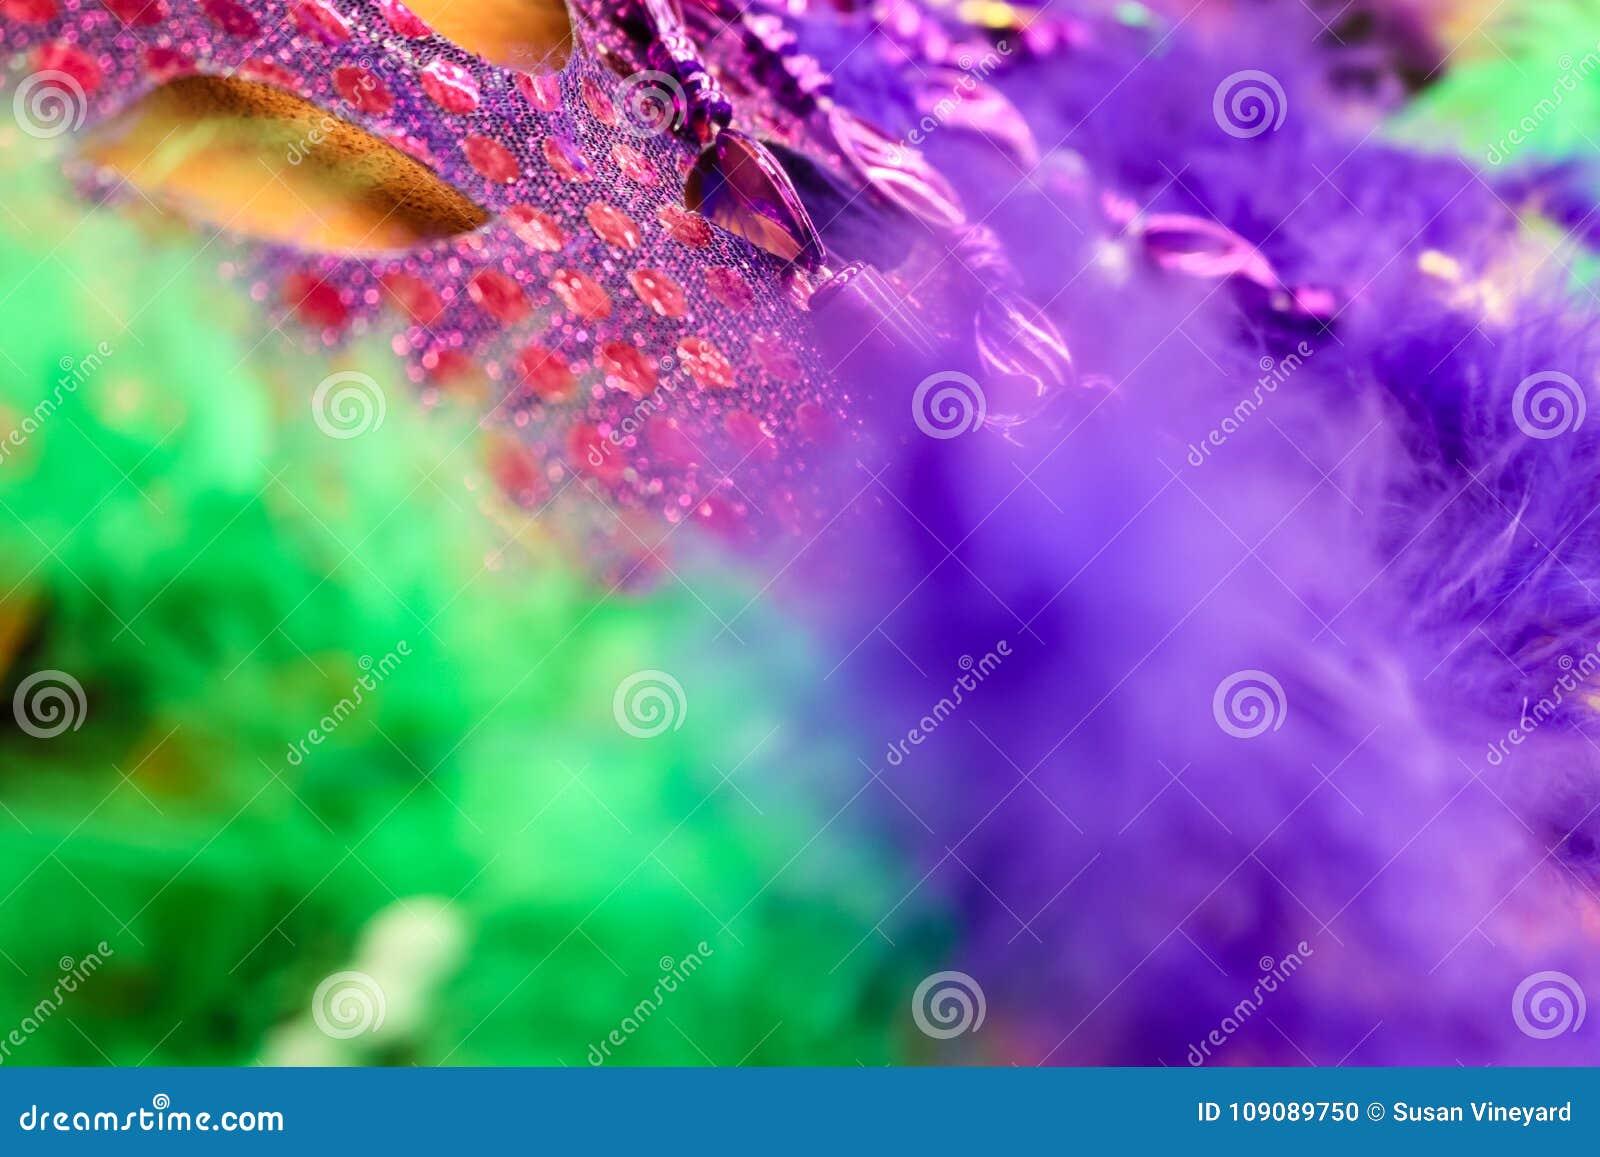 Colore intenso - martedì grasso - fondo di Carnaval in porpora ed in verde - piume vaghe e una maschera sul fondo dell oro